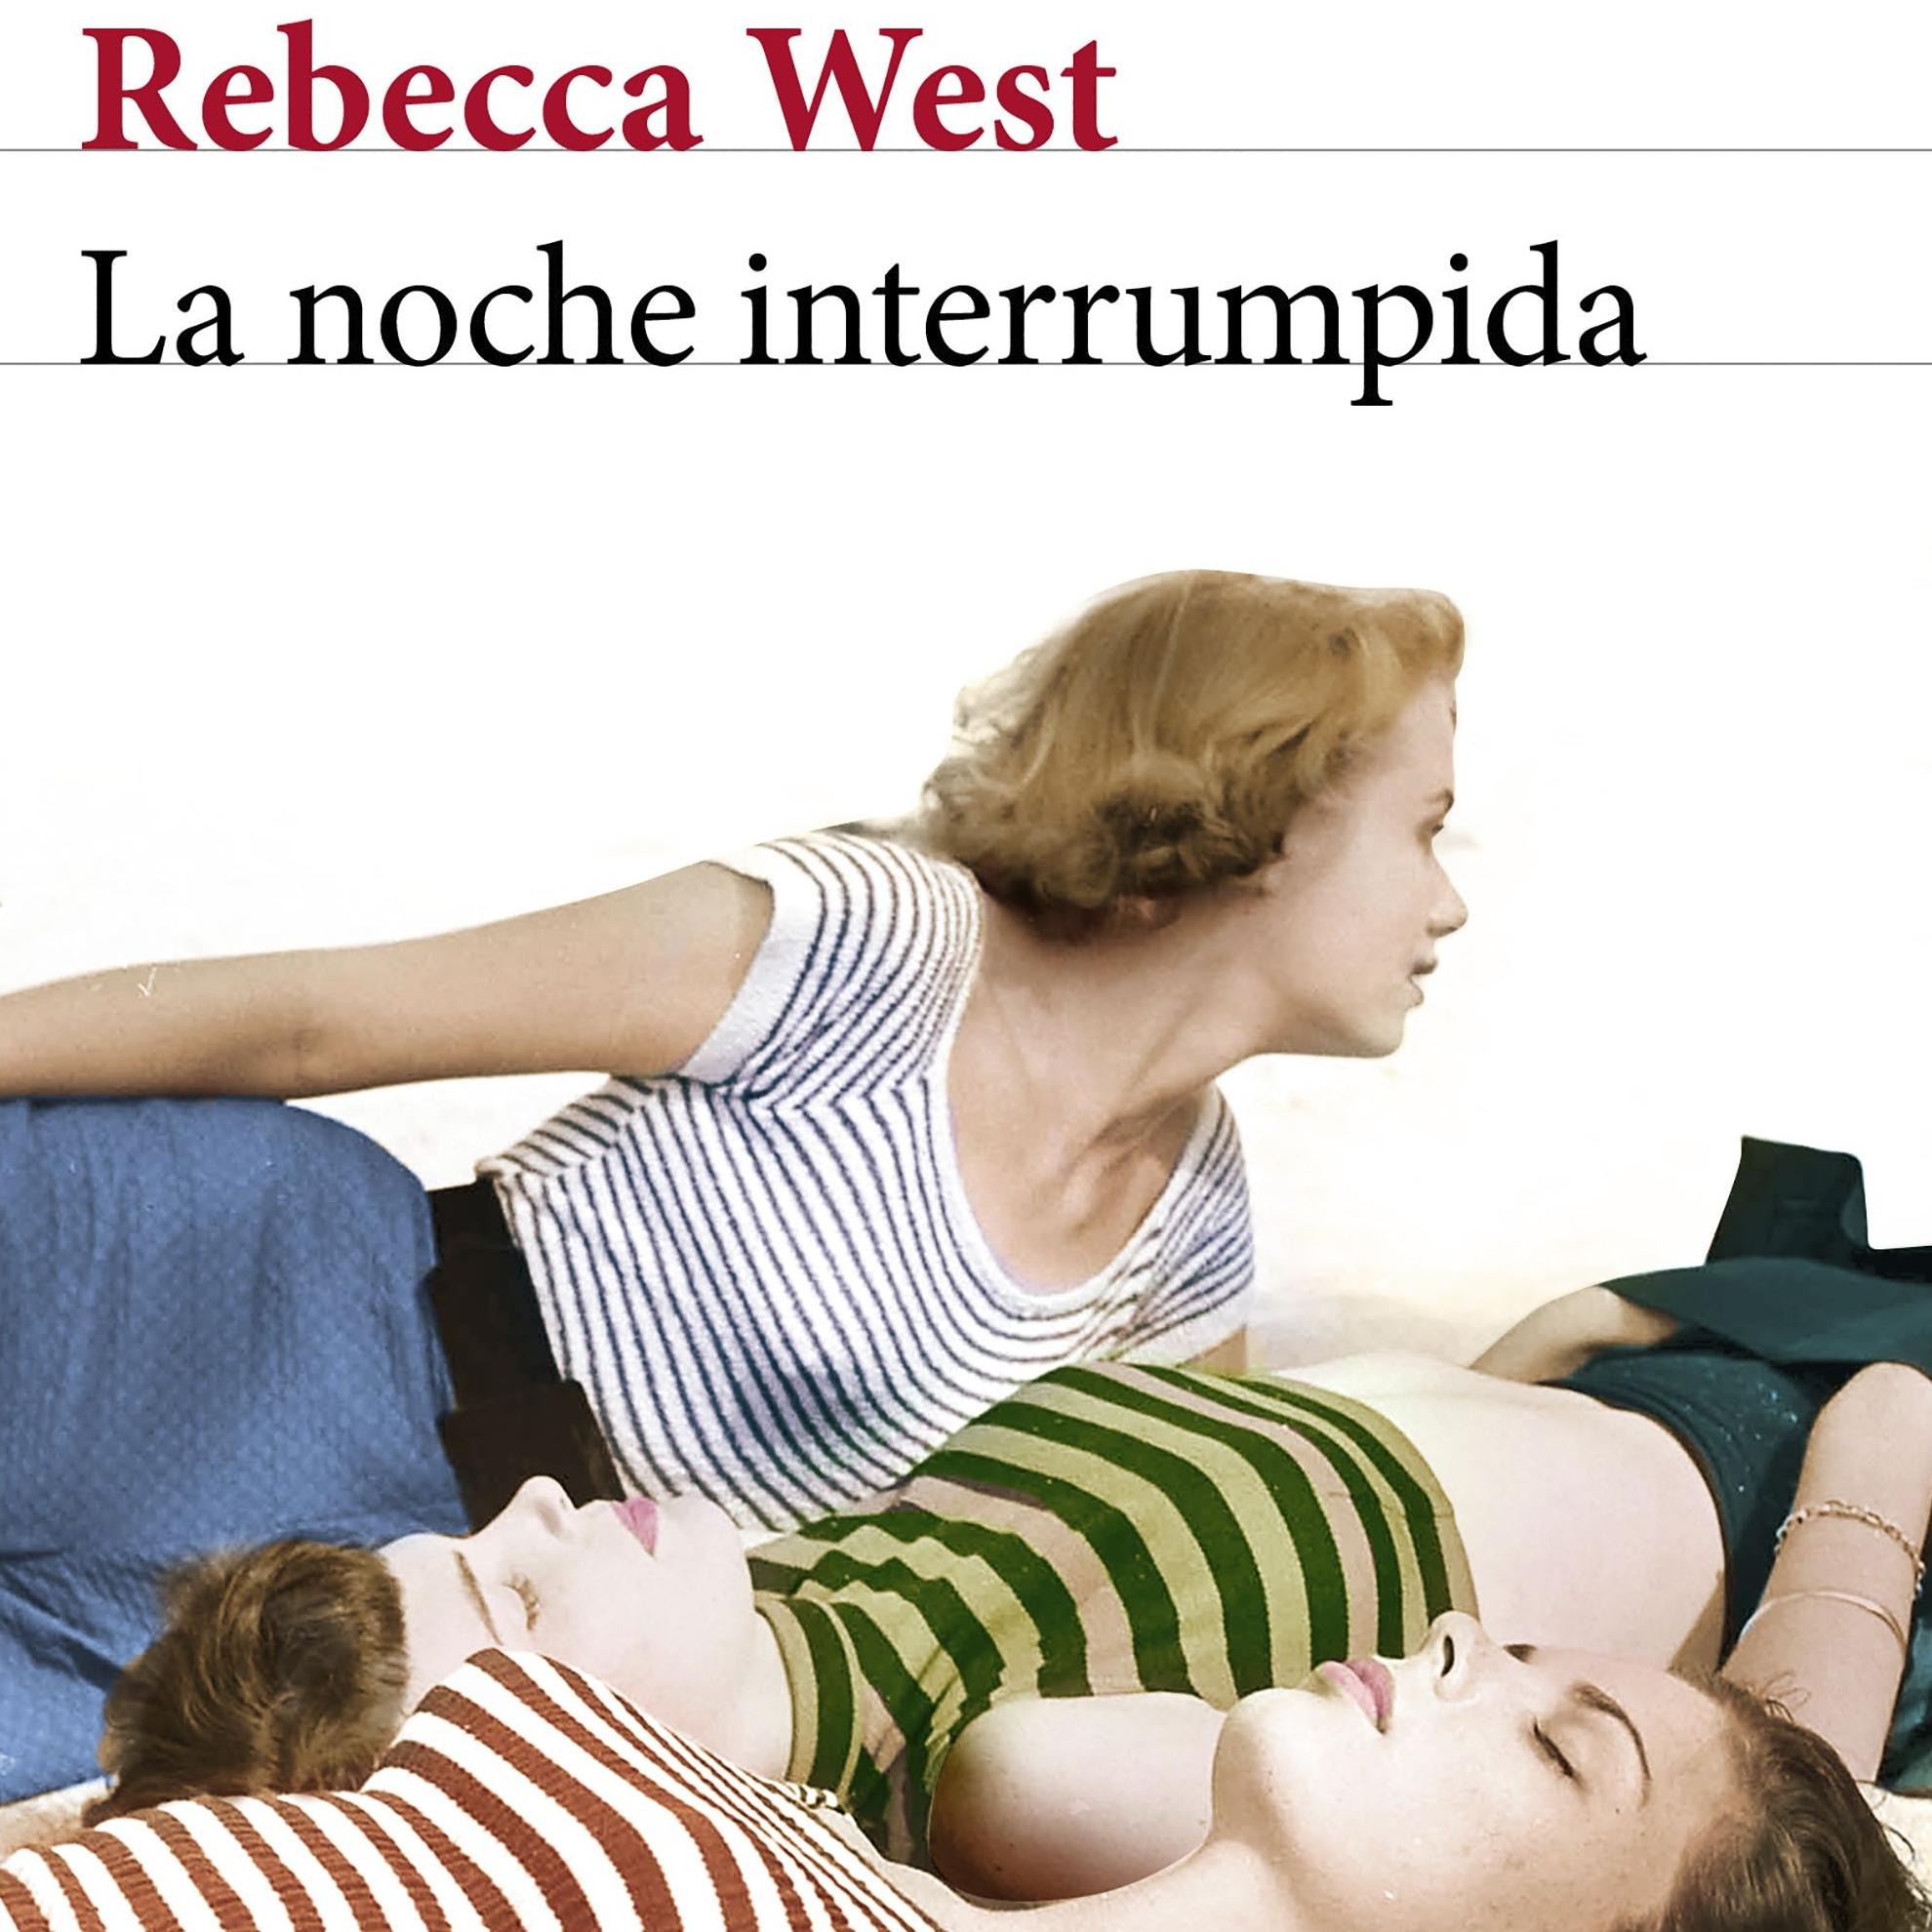 'La noche interrumpida', de Rebecca West.